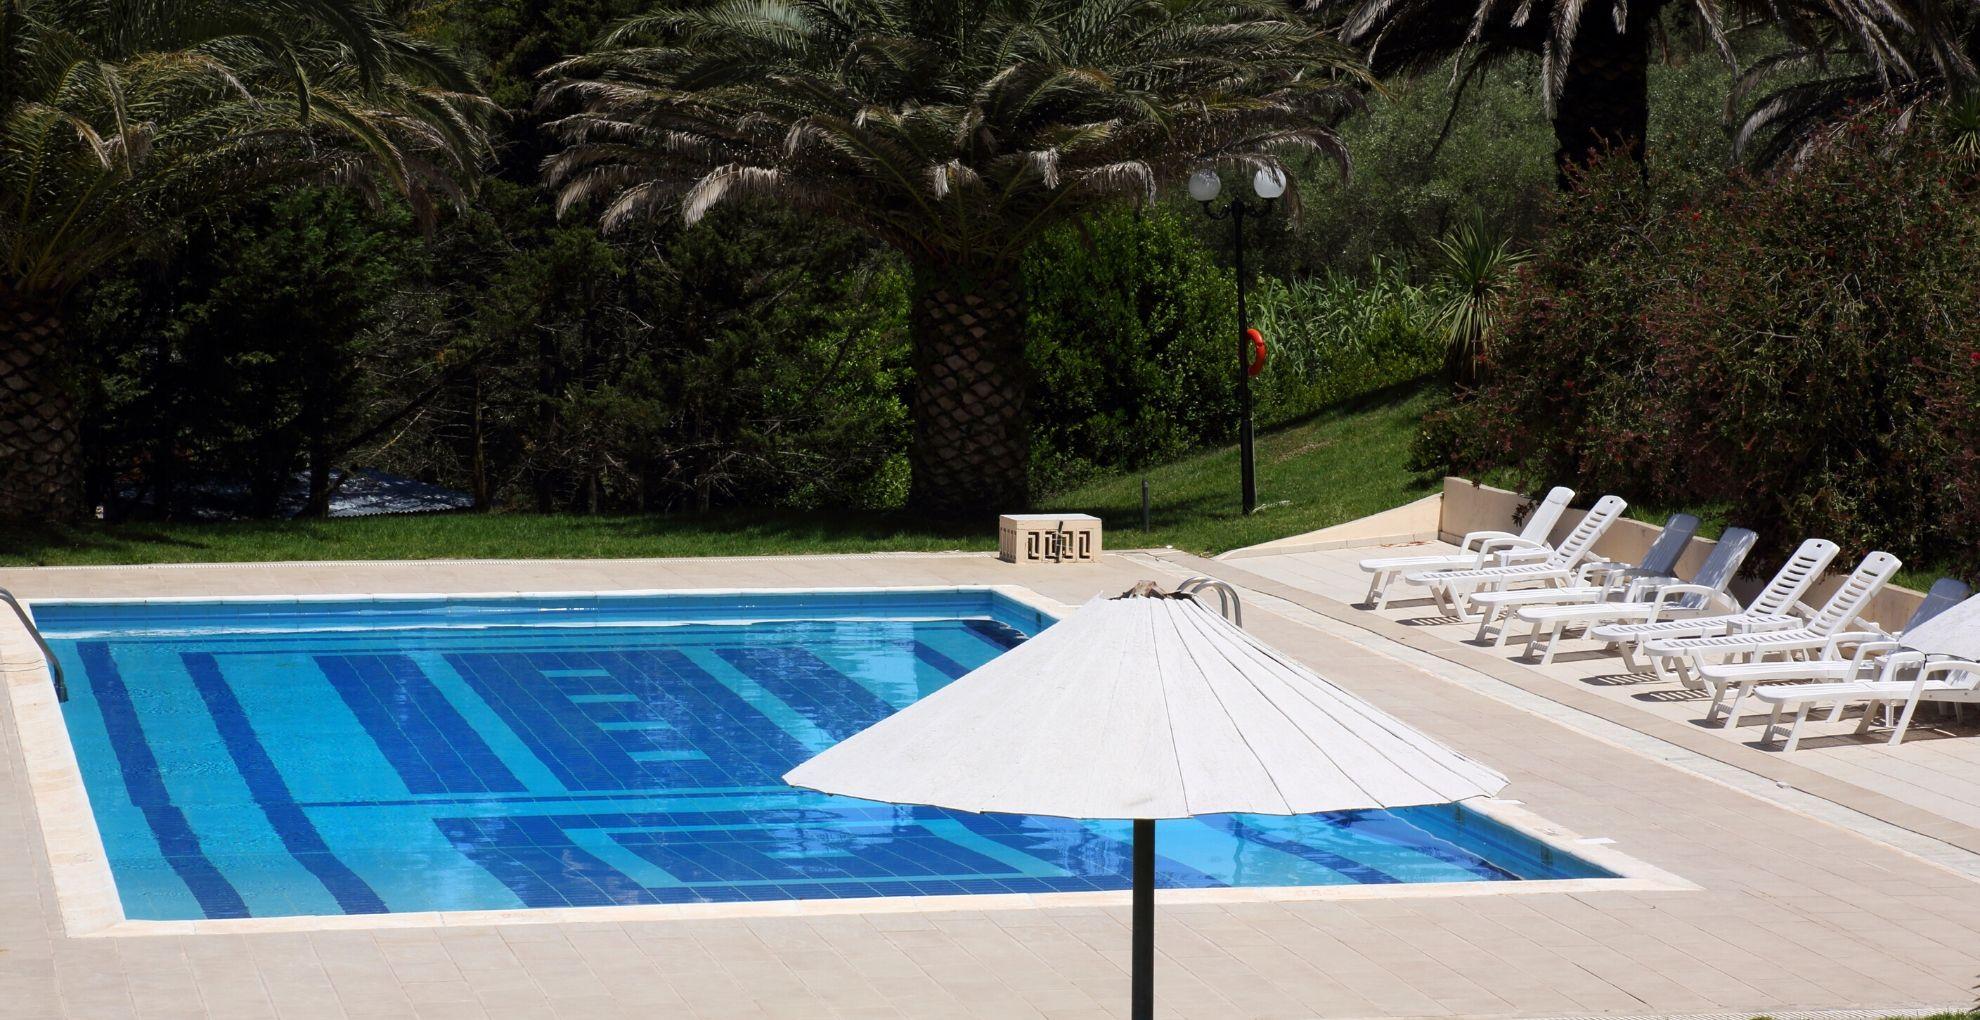 Ο Ομιλος HotelBrain αναδεικνύεται ως ο Κορυφαίος στον Κόσμο στη Διαχείριση Ξενοδοχείων από τα World Travel Awards